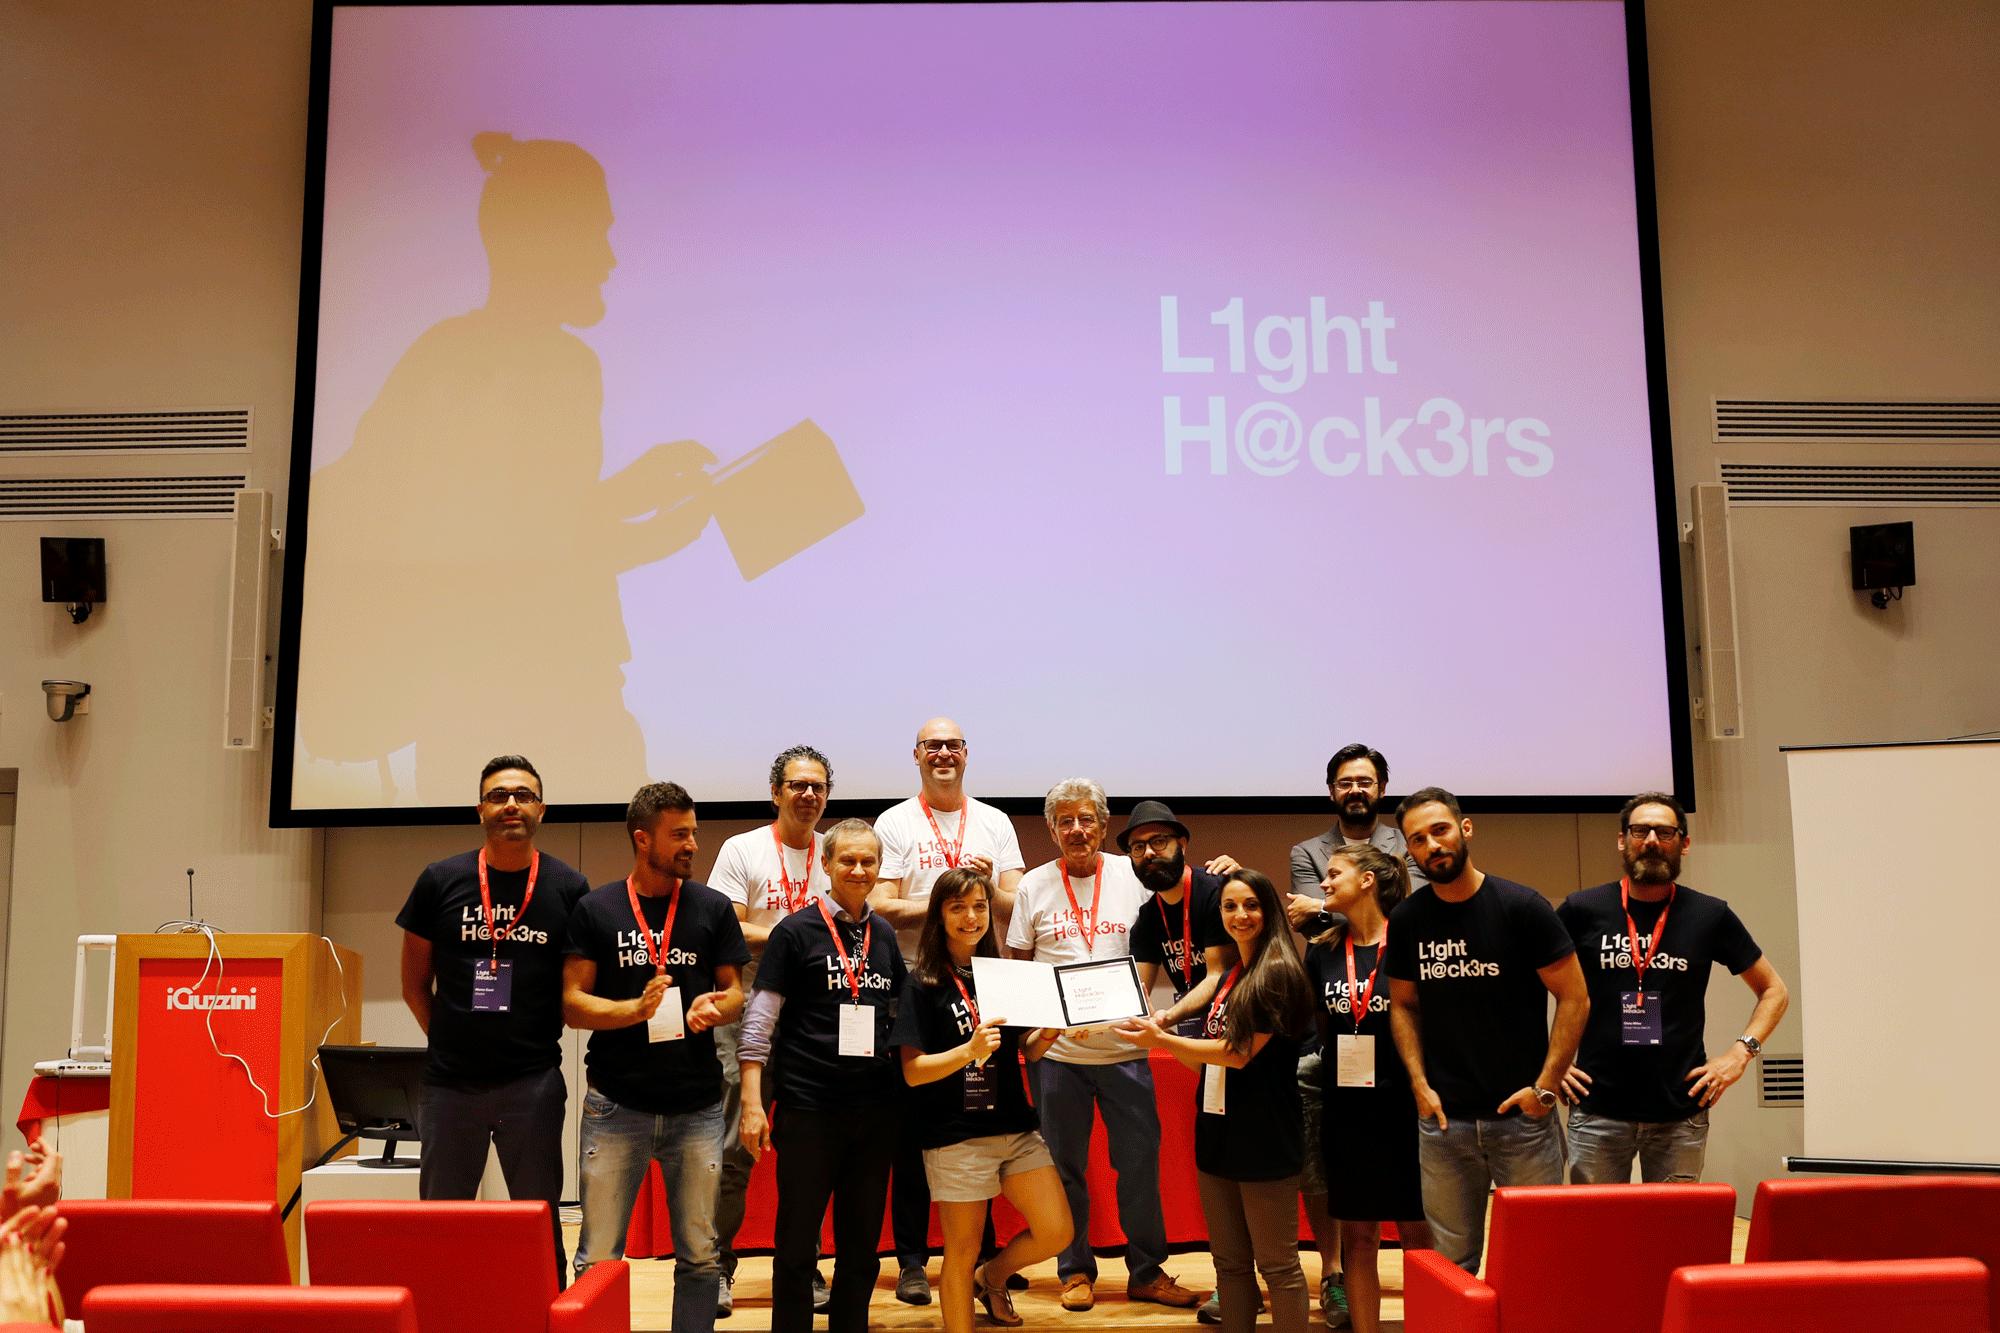 LightHackers, l'Hackathon di iGuzzini premia l'innovazione